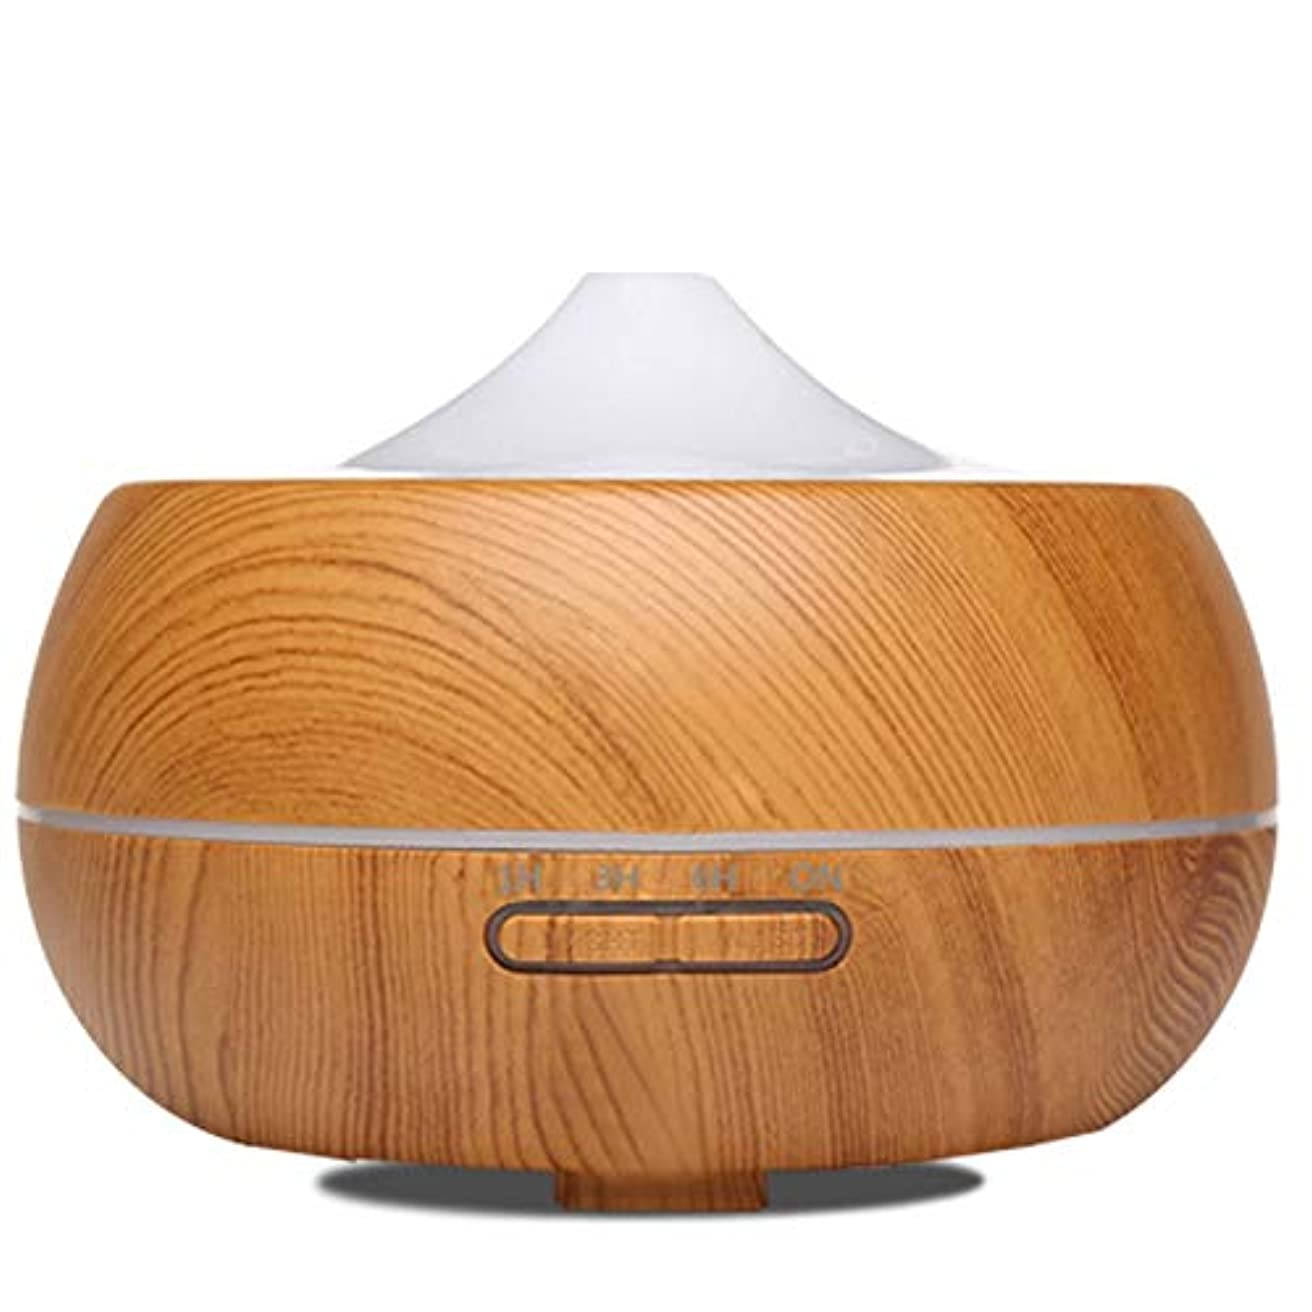 好ましいまどろみのあるダウン300 ml アロマテラピー エッセンシャル オイル ディフューザー, 超音波 涼しい霧 humidmifier アロマディフューザー タイマー付き 7色変換 夜のライト 空焚き防止機能搭載- 17x12cm